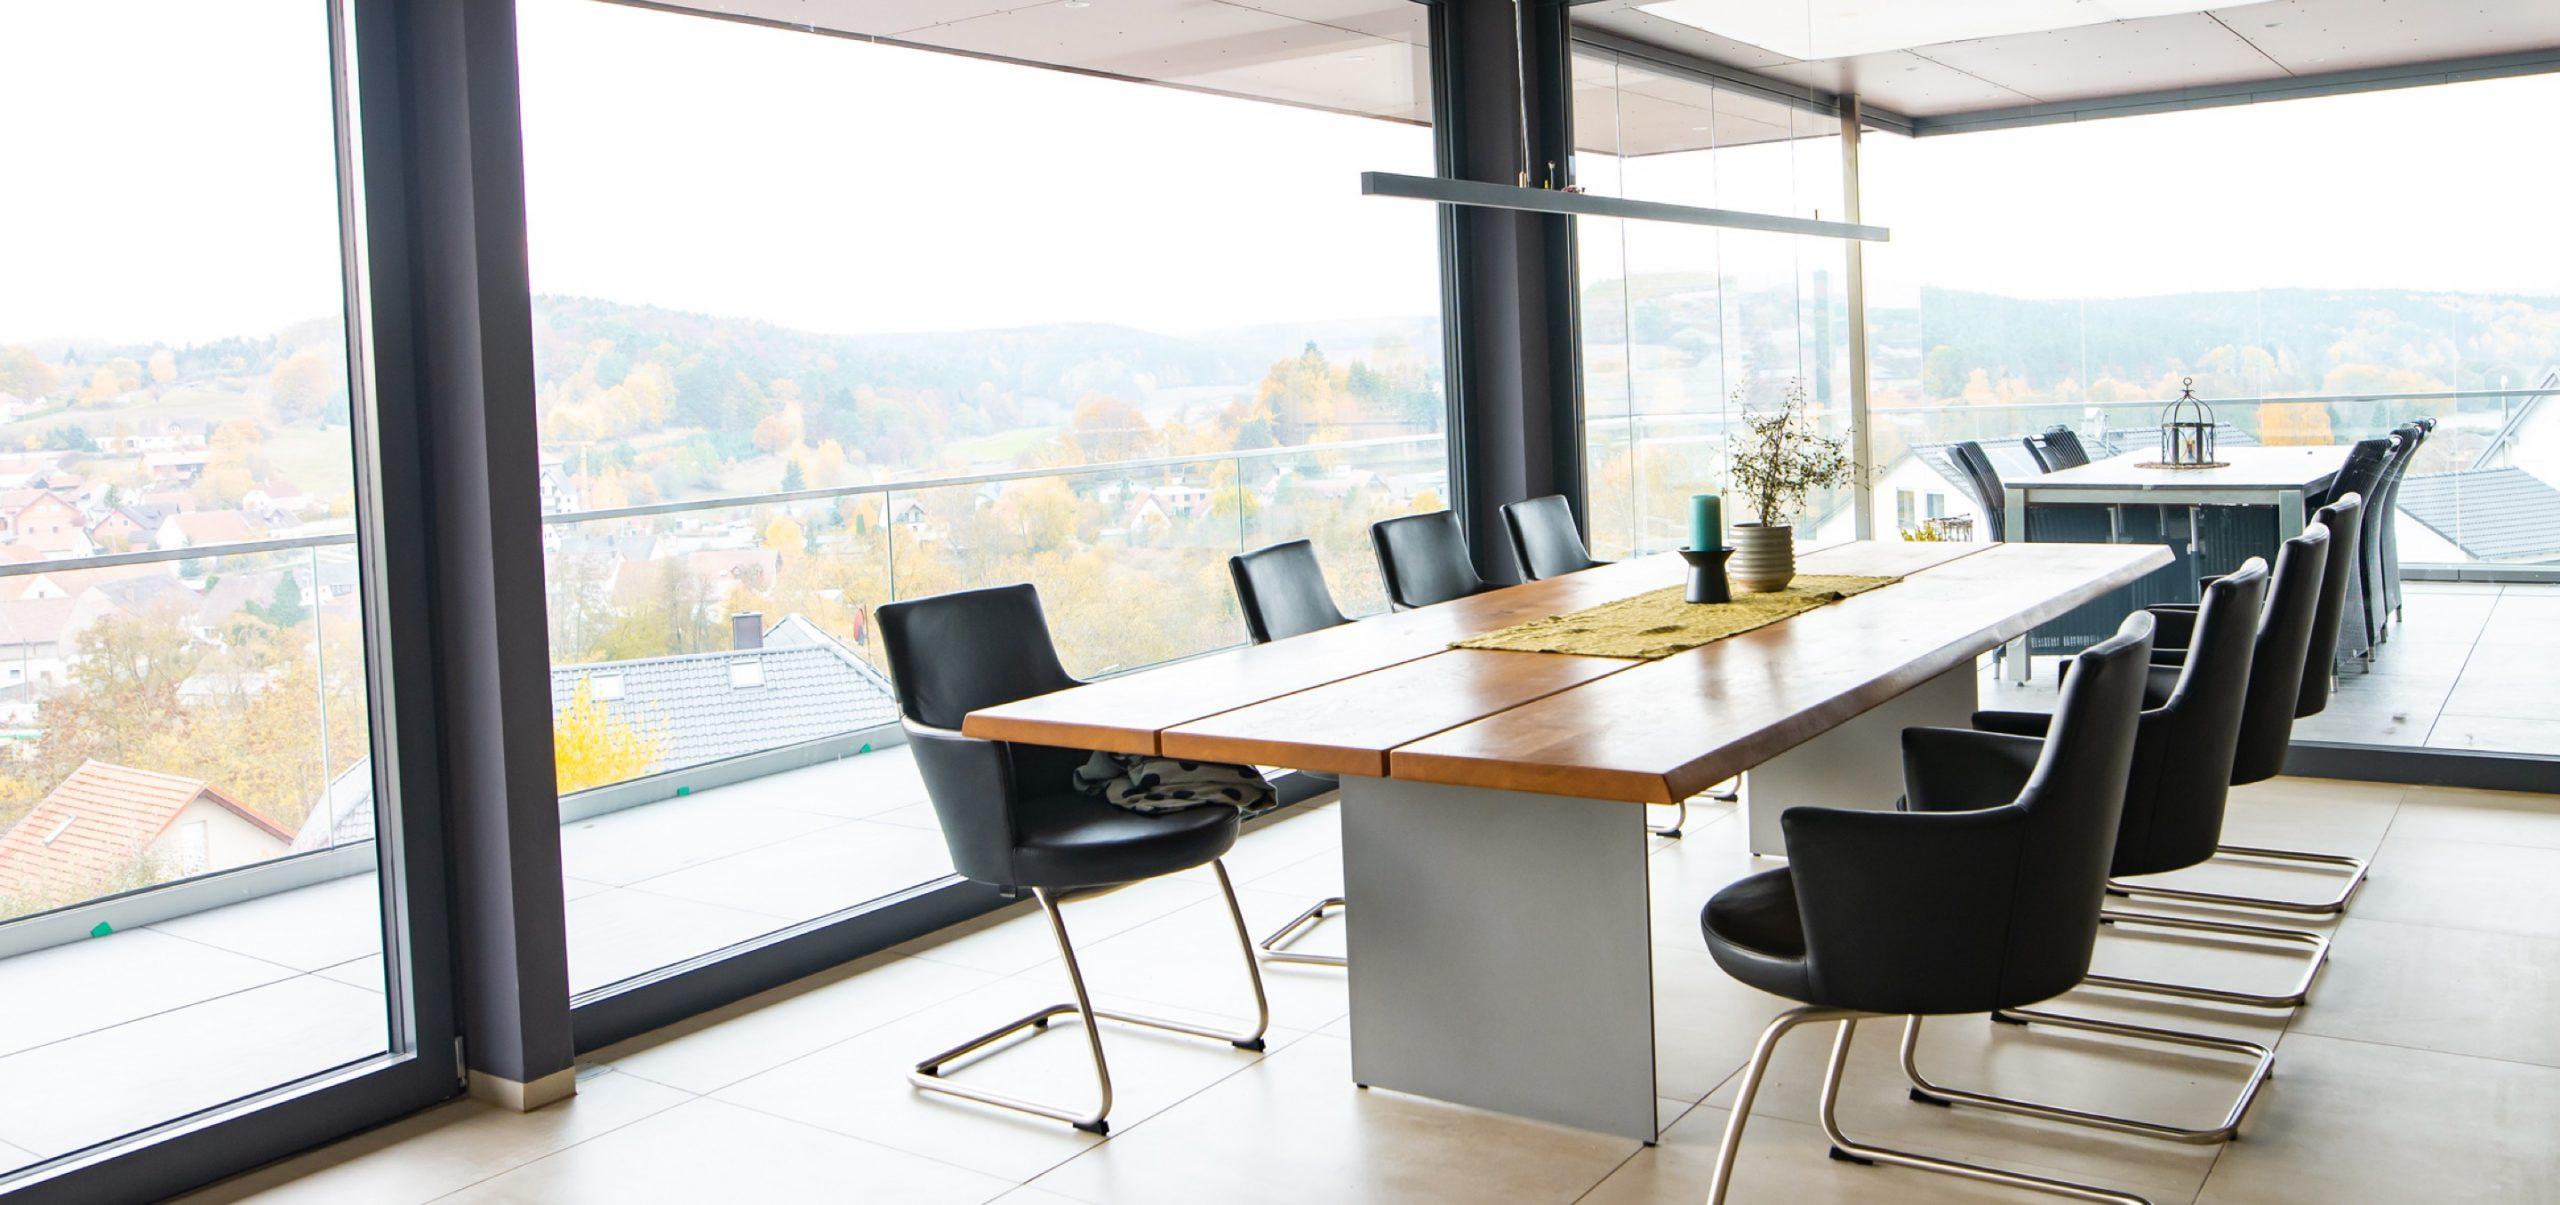 Full Size of Fenster Deko Weihnachten Deutschland Schweiz Der Die Ou Das Detail Holzbau Kaufen Plissee Fensterdeko Kinder Home Eichhorn Fenster Fenster.de